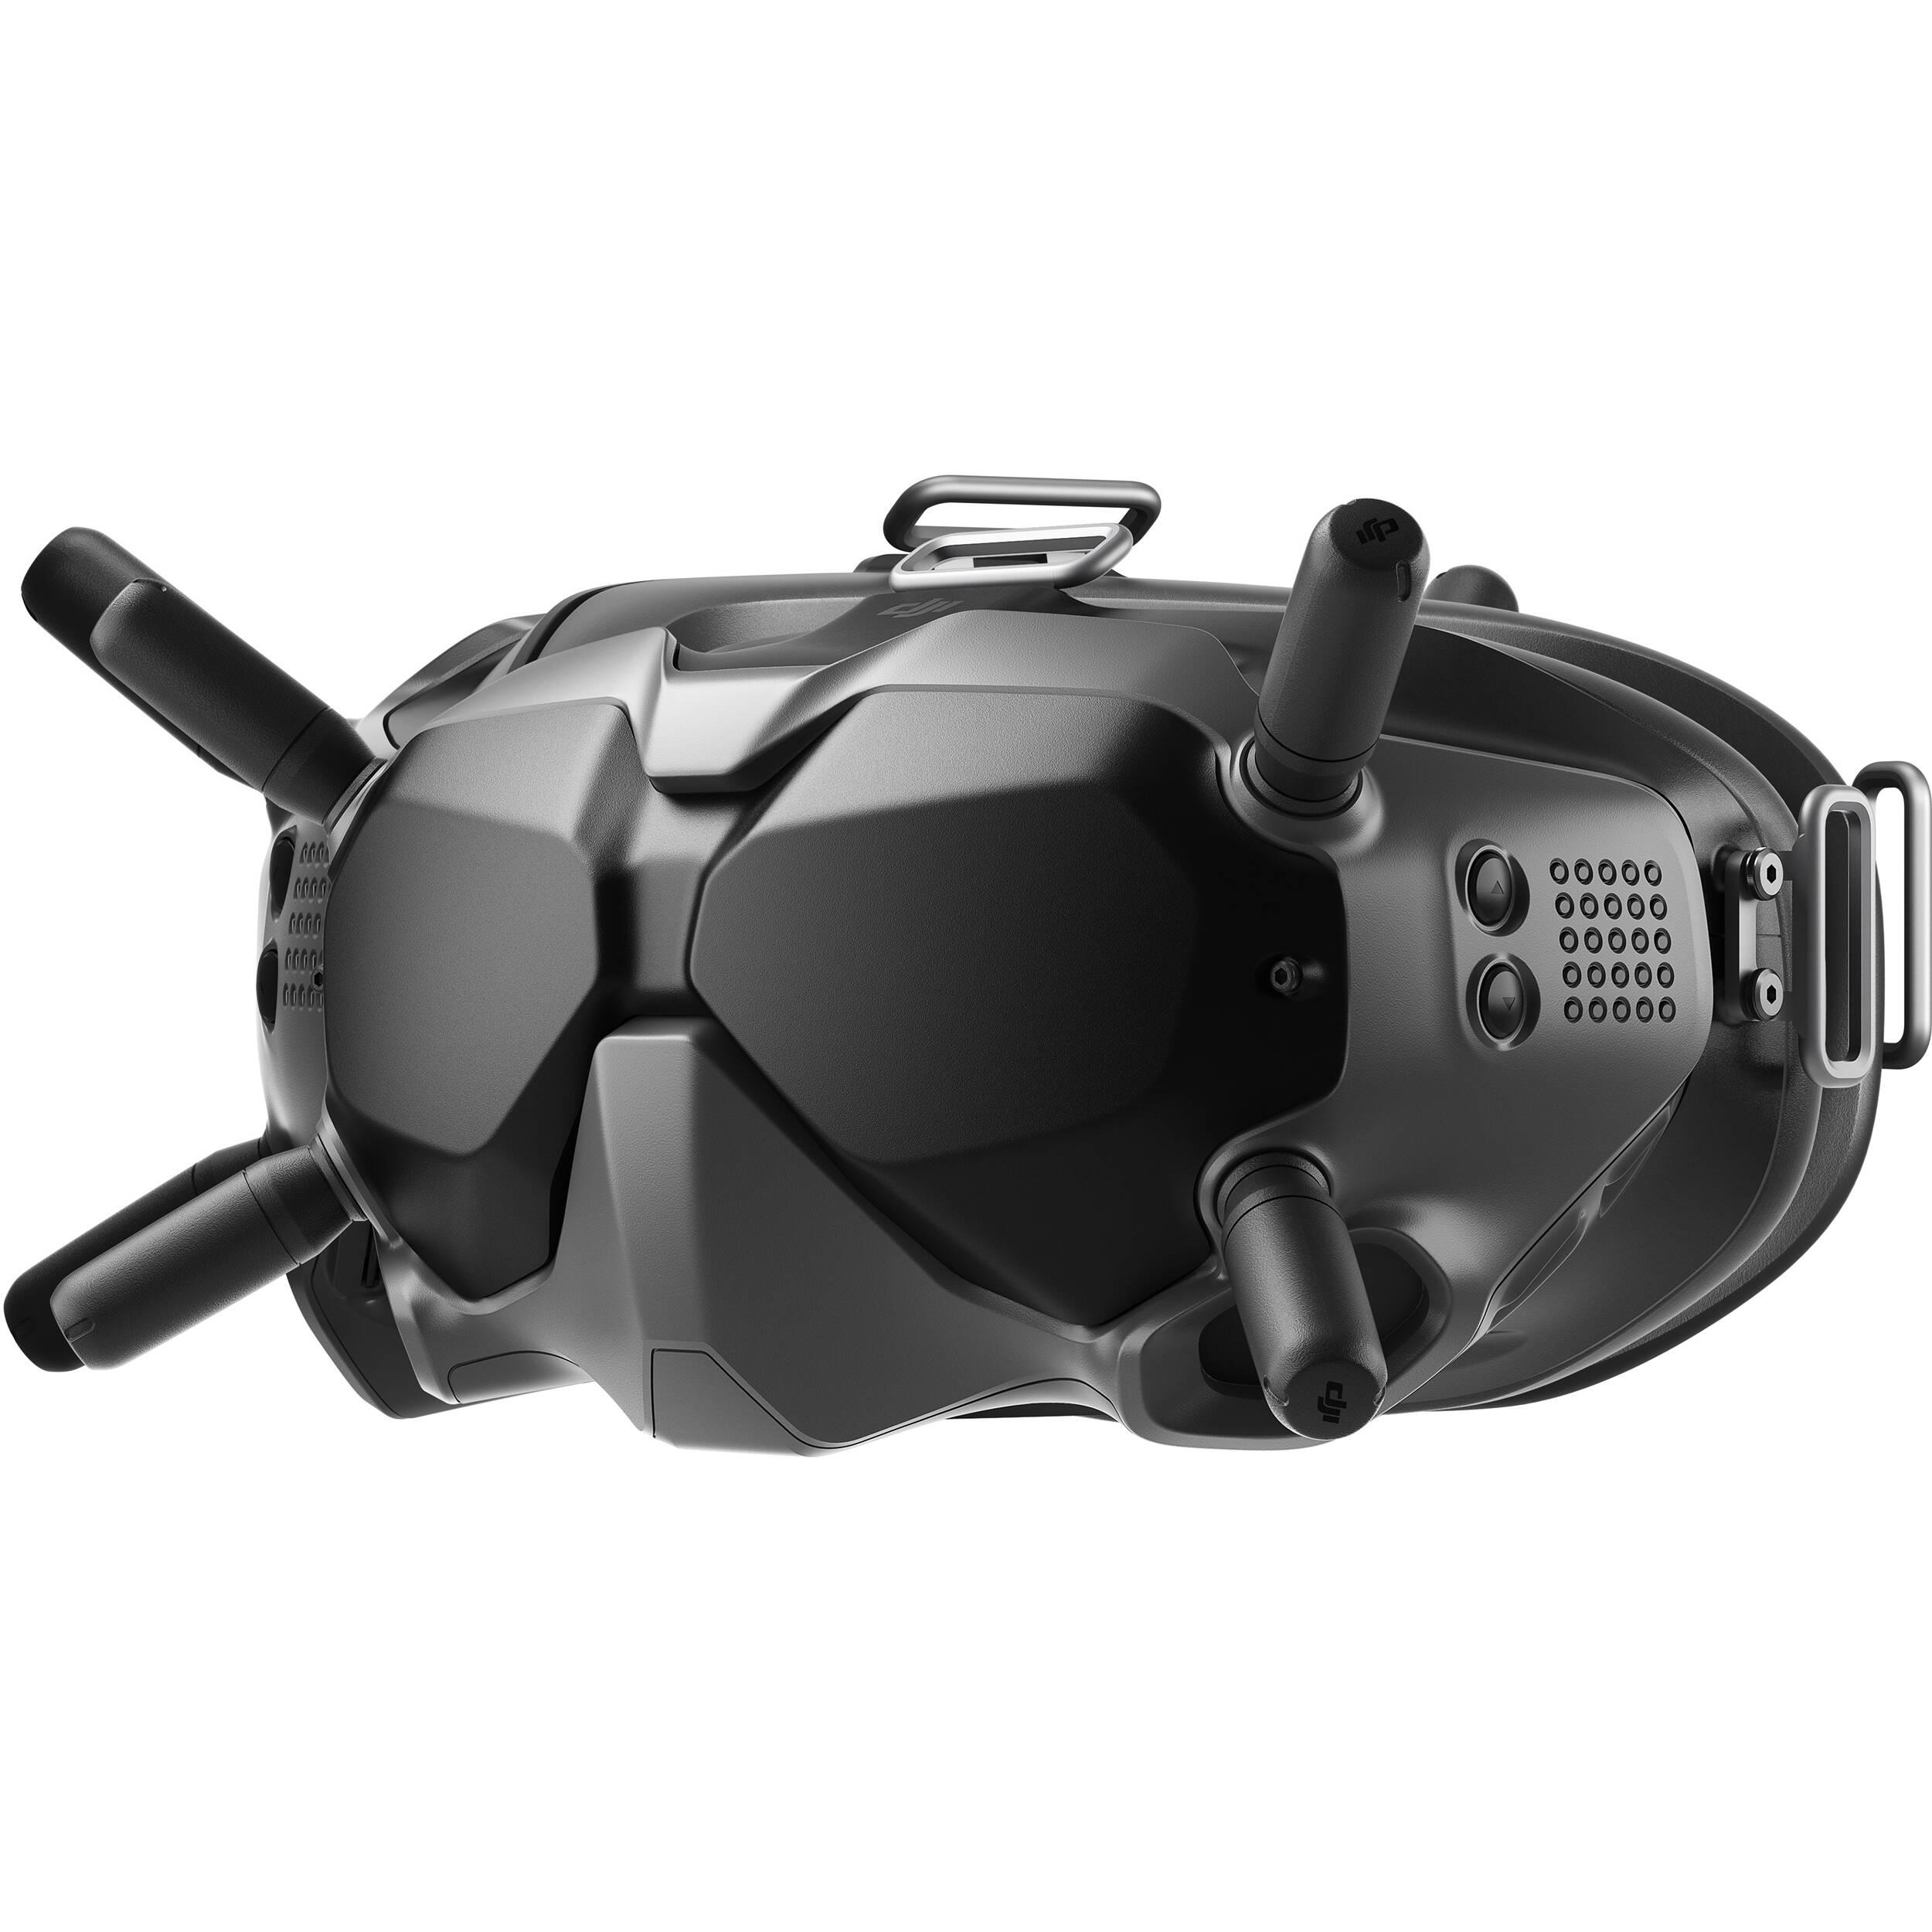 DJI FPV tích hợp kính DJI FPV Goggles V2